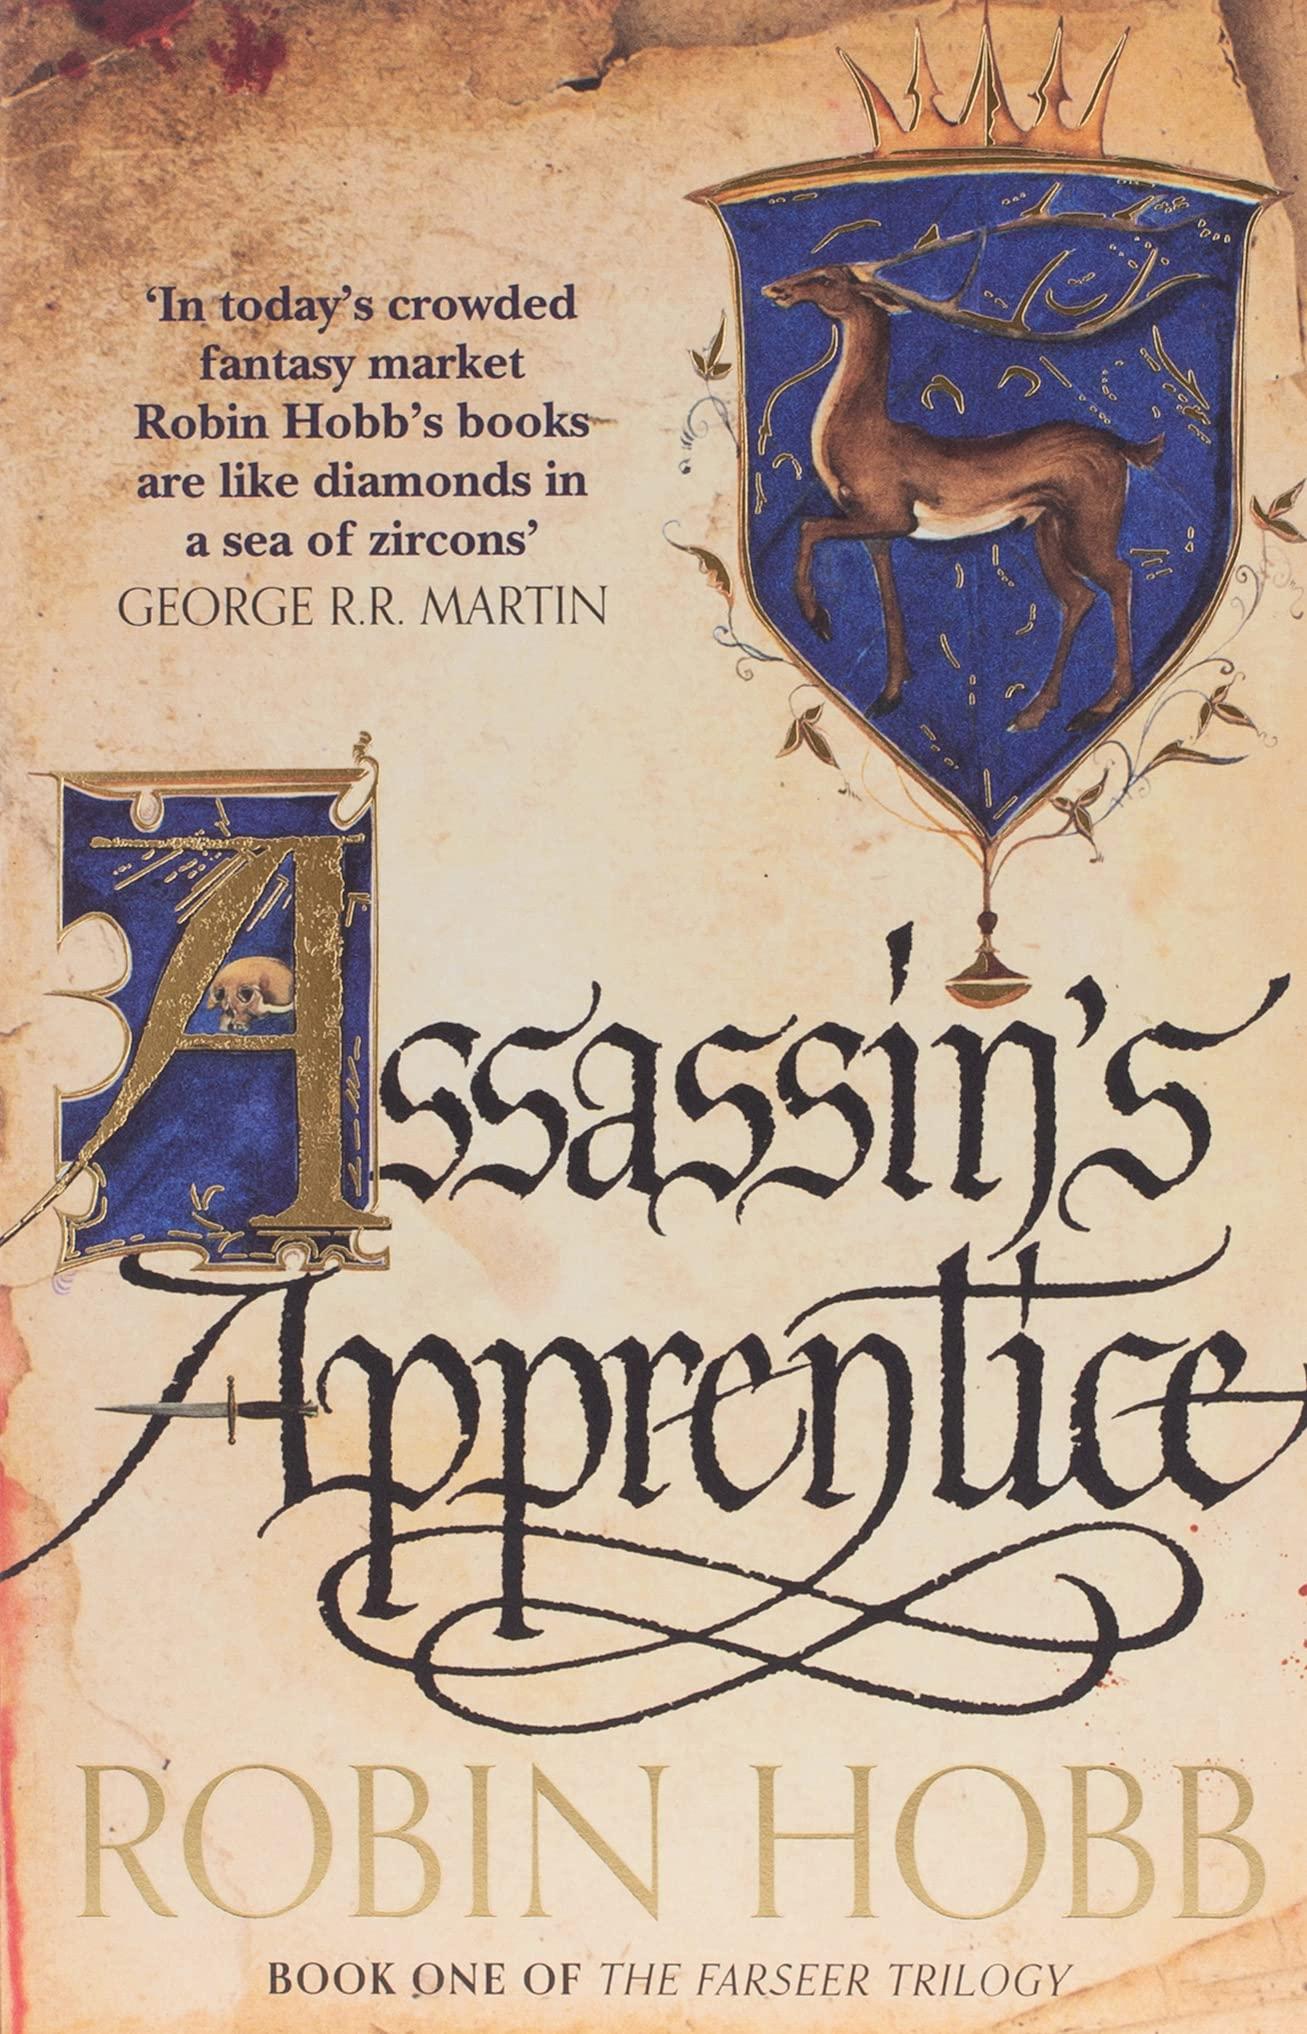 Assassin's Apprentice: Robin Hobb: Book 1 (The Farseer Trilogy):  Amazon.co.uk: Hobb, Robin: 9780007562251: Books